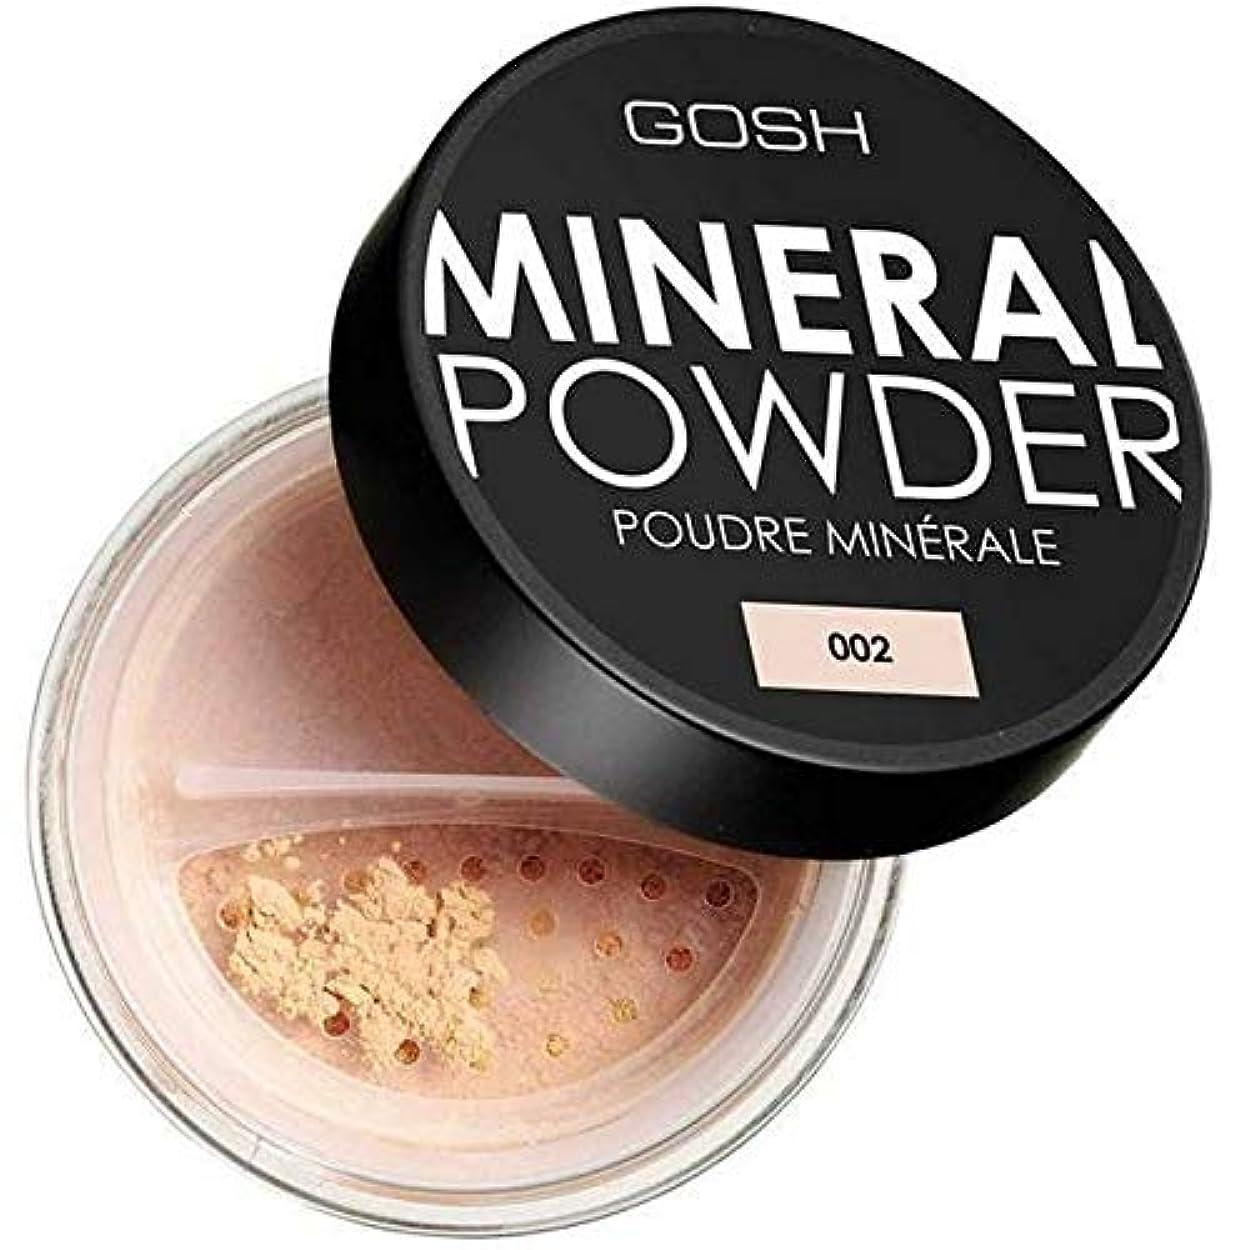 導体露出度の高い何[GOSH ] おやっミネラルフルカバーファンデーションパウダーアイボリー002 - GOSH Mineral Full Coverage Foundation Powder Ivory 002 [並行輸入品]